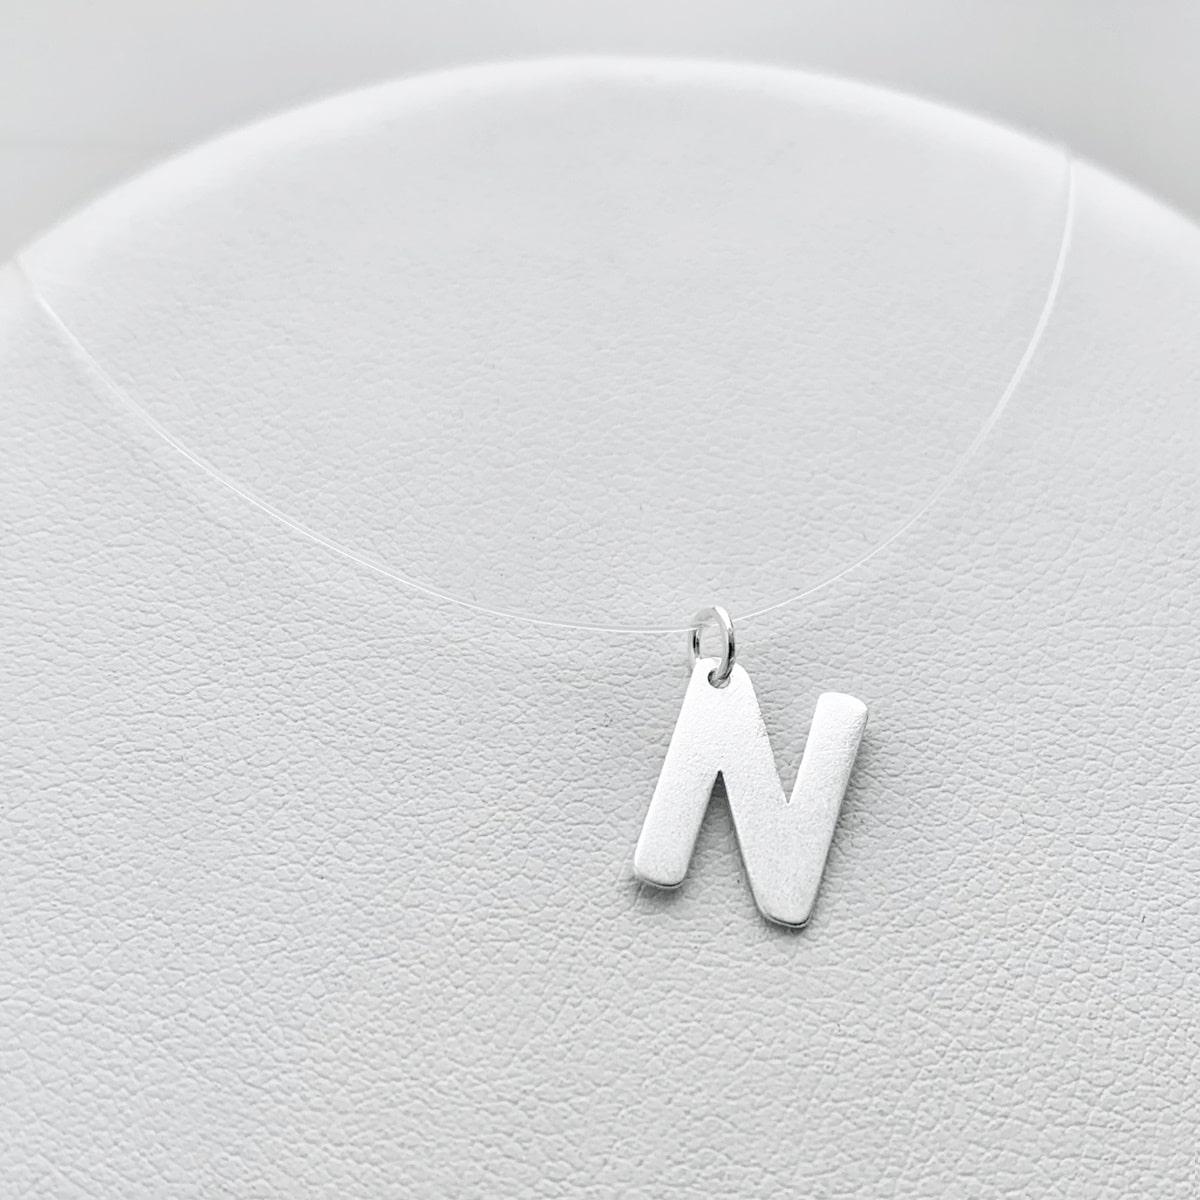 Colar Nylon Prata 925, Colar Inicial Letra